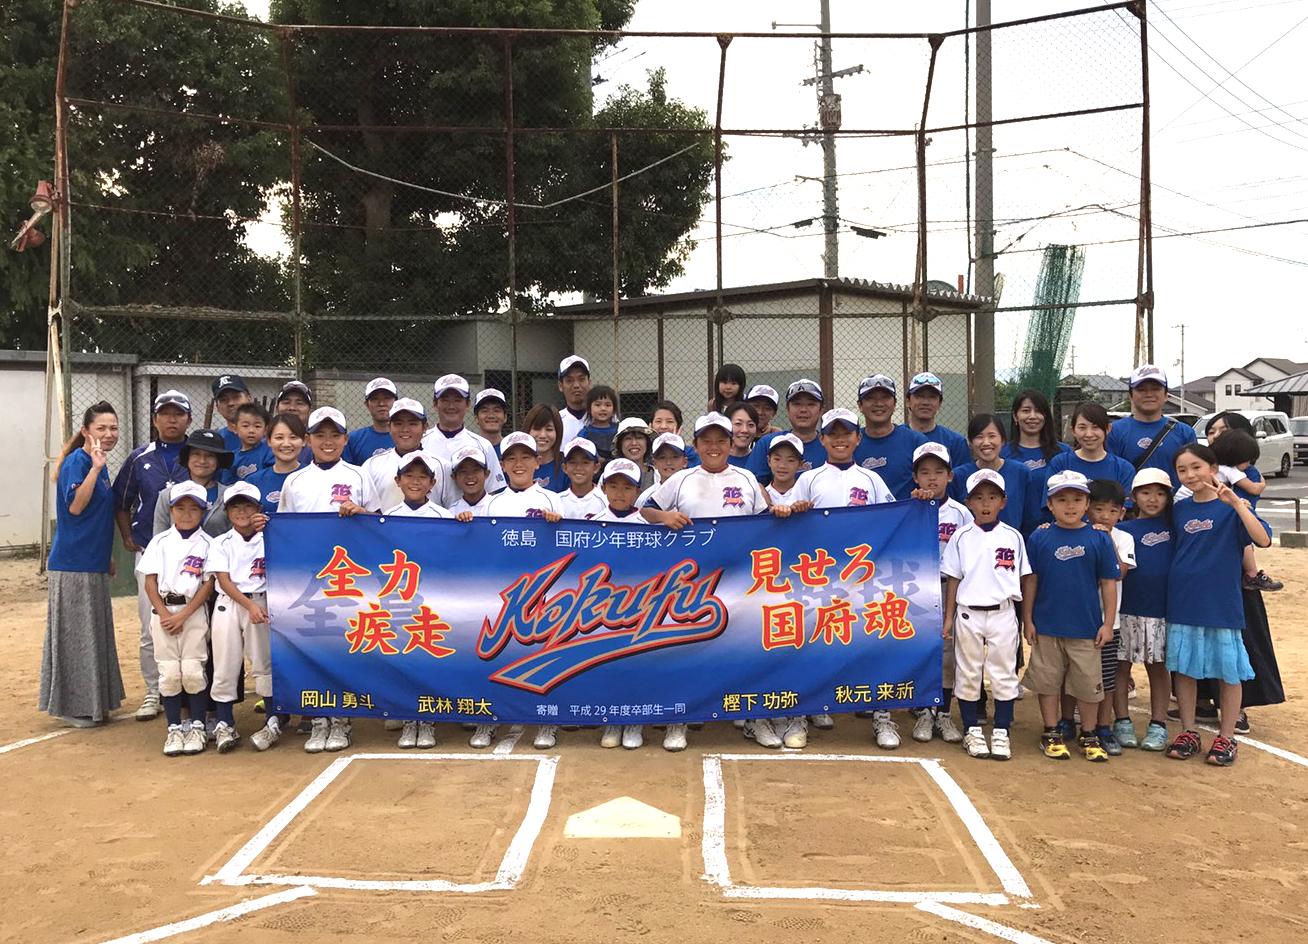 【野球】徳島 国府少年野球クラブ